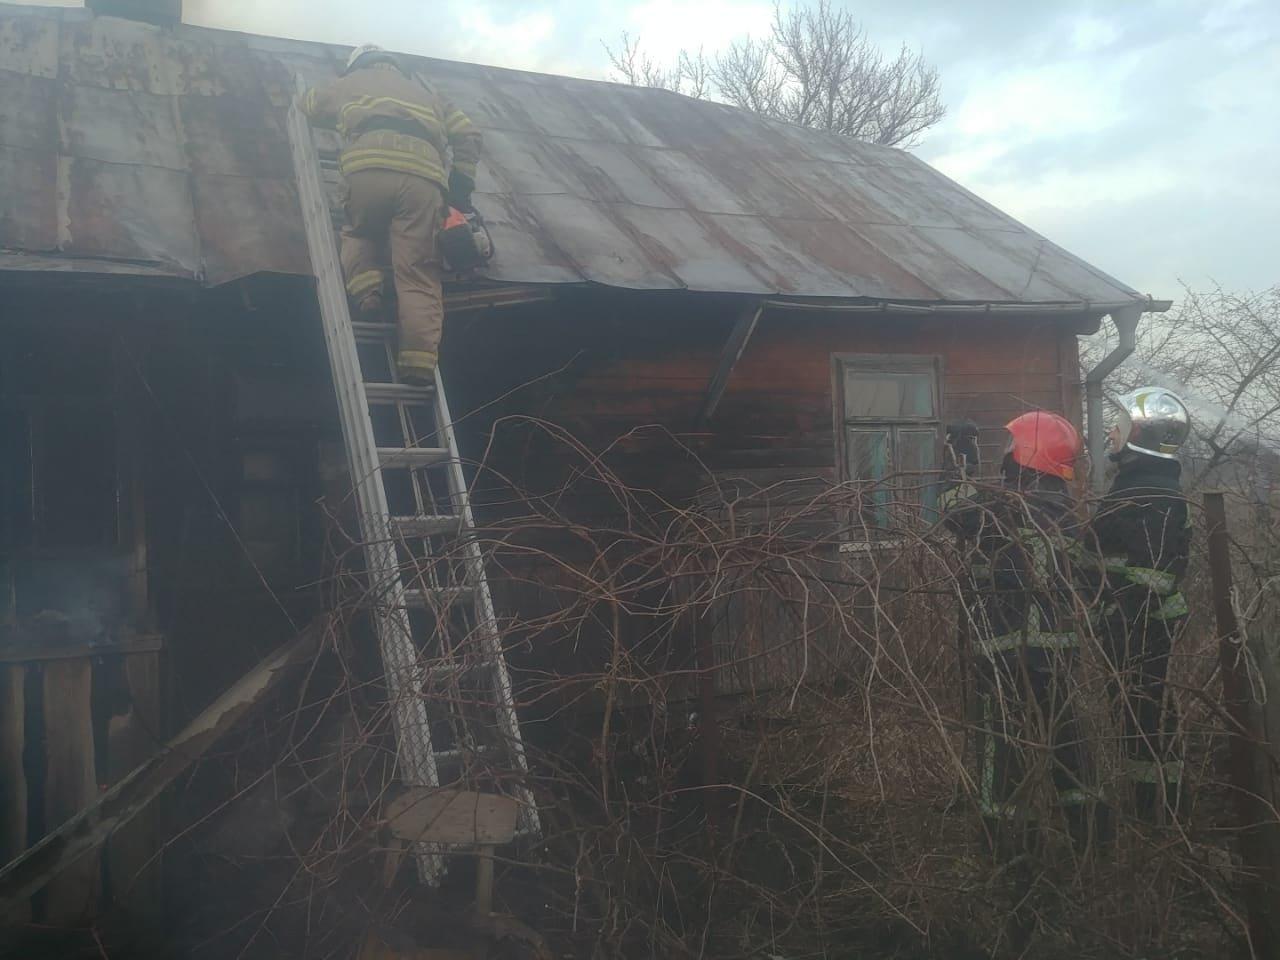 У селі на Рівненщині сталася пожежа: спалахнув сарай, після чого вогонь перекинувся і на сусідній будинок (ФОТО), фото-3